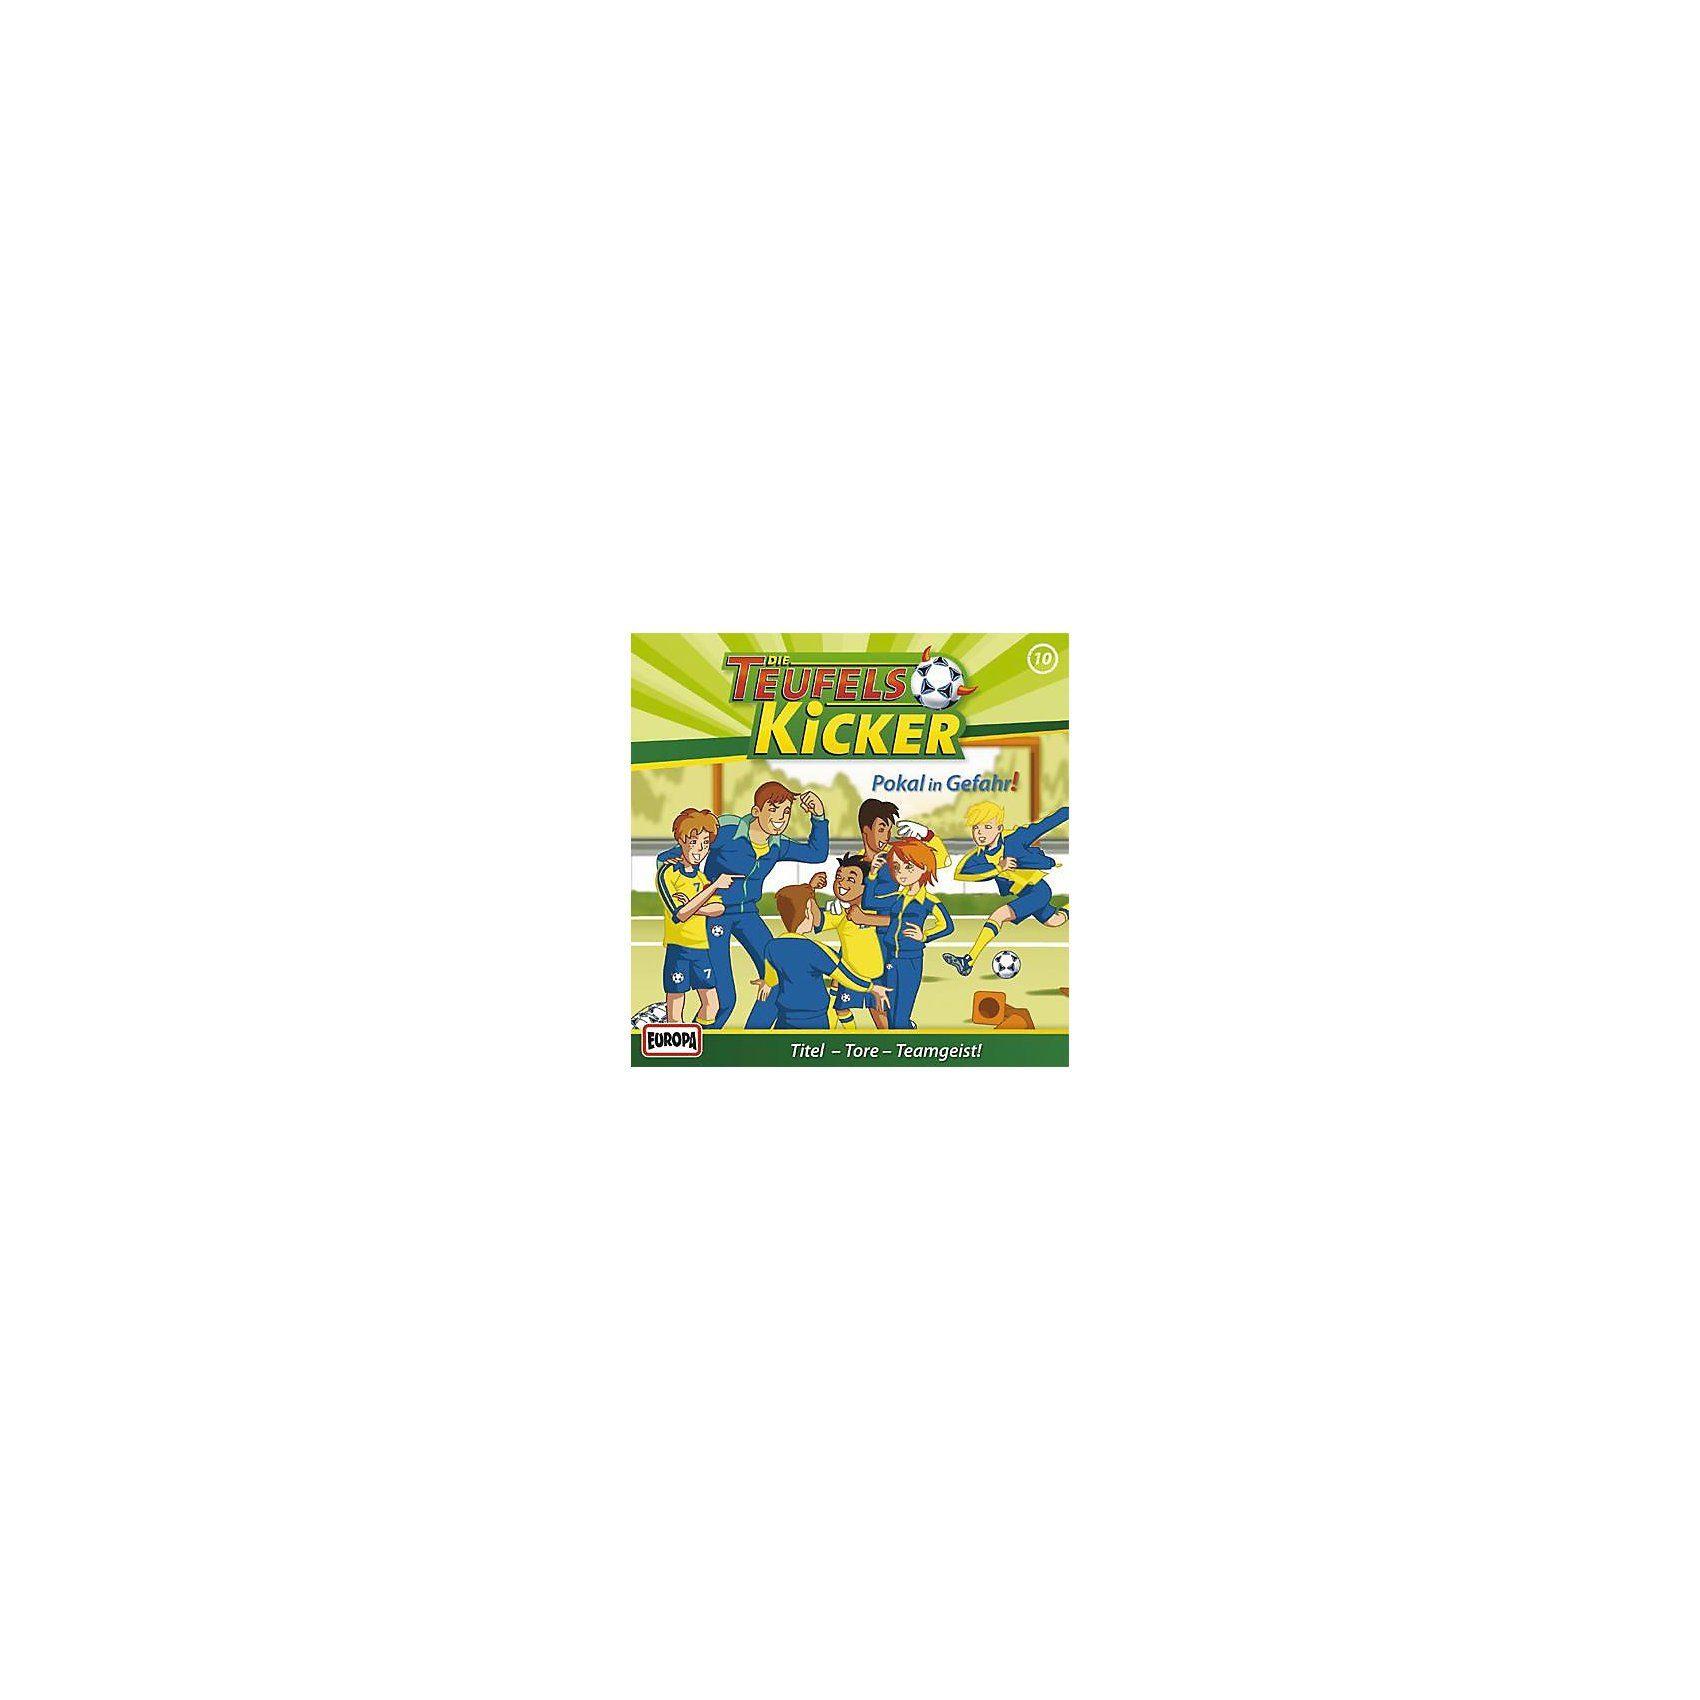 Sony CD Teufelskicker 10 Teufelskicker - Pokal in Ge